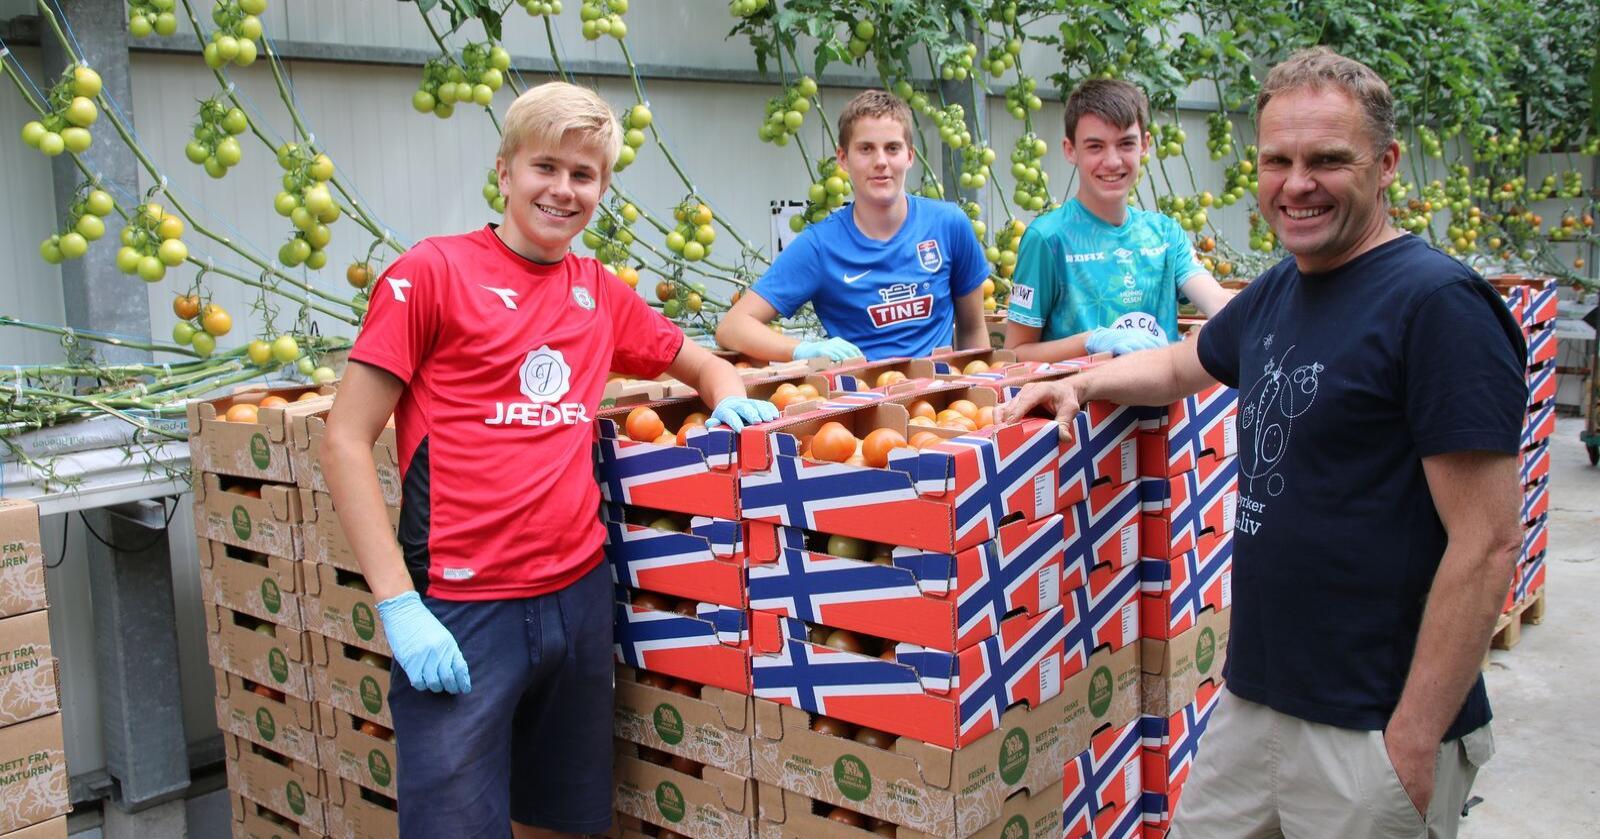 Ola Sunde fra Orre på Jæren dyrker vanlige runde tomater, og er SKP (sentral kulturansvarlig produsent) for ca 35 produsenter i Gartnerhallen. Foto: Lars Olav Haug